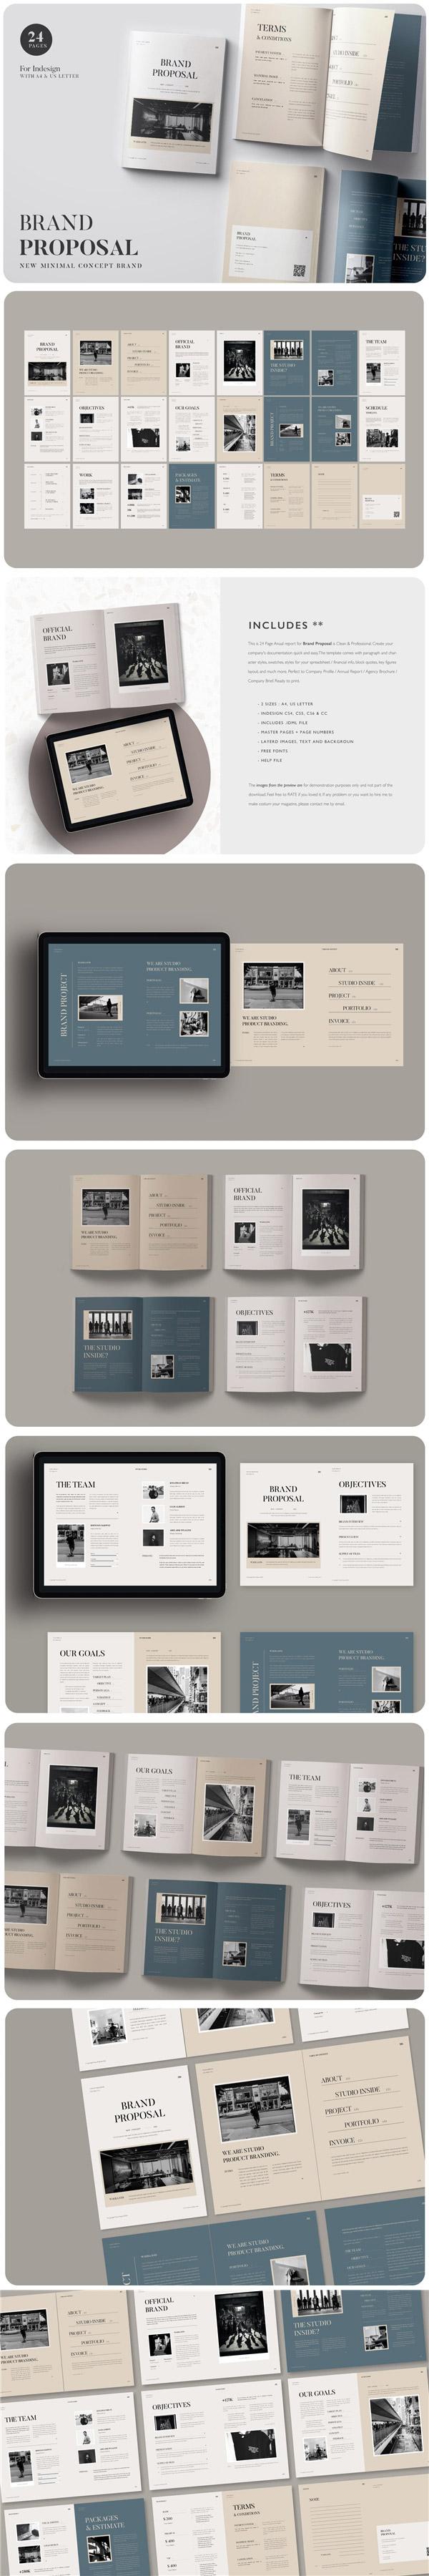 品牌VI指南设计画册